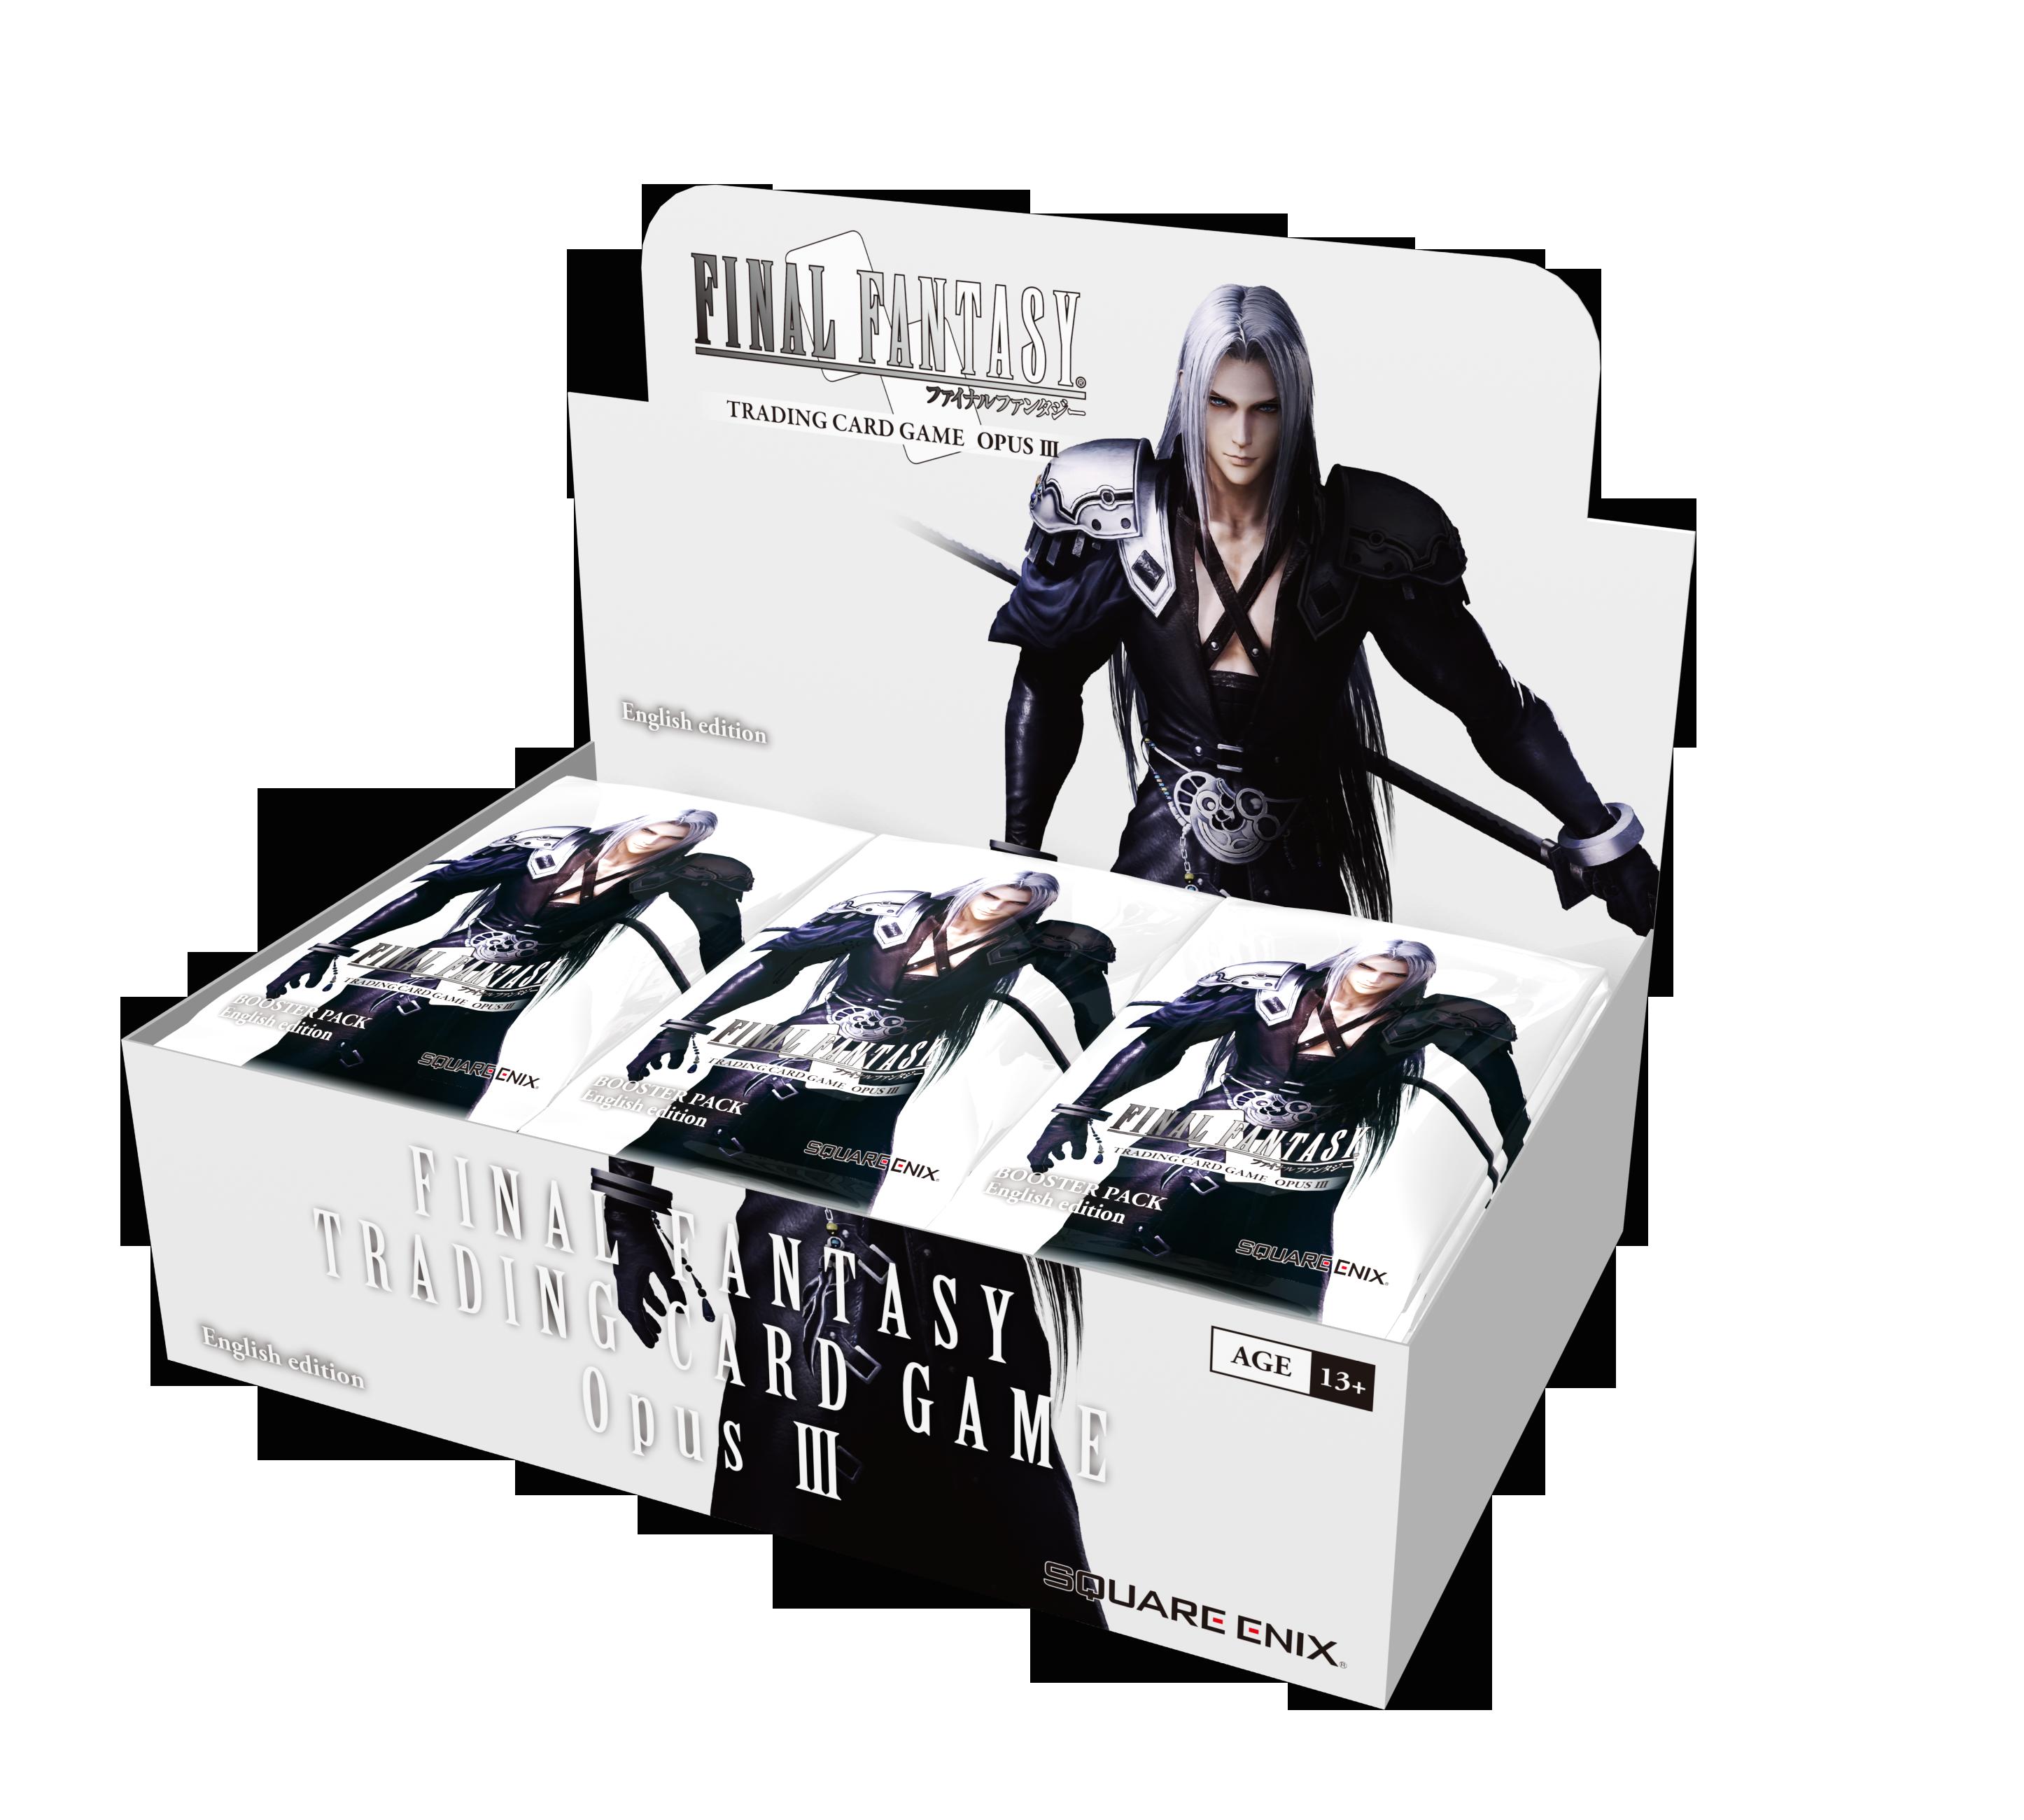 Final Fantasy TCG Opus III